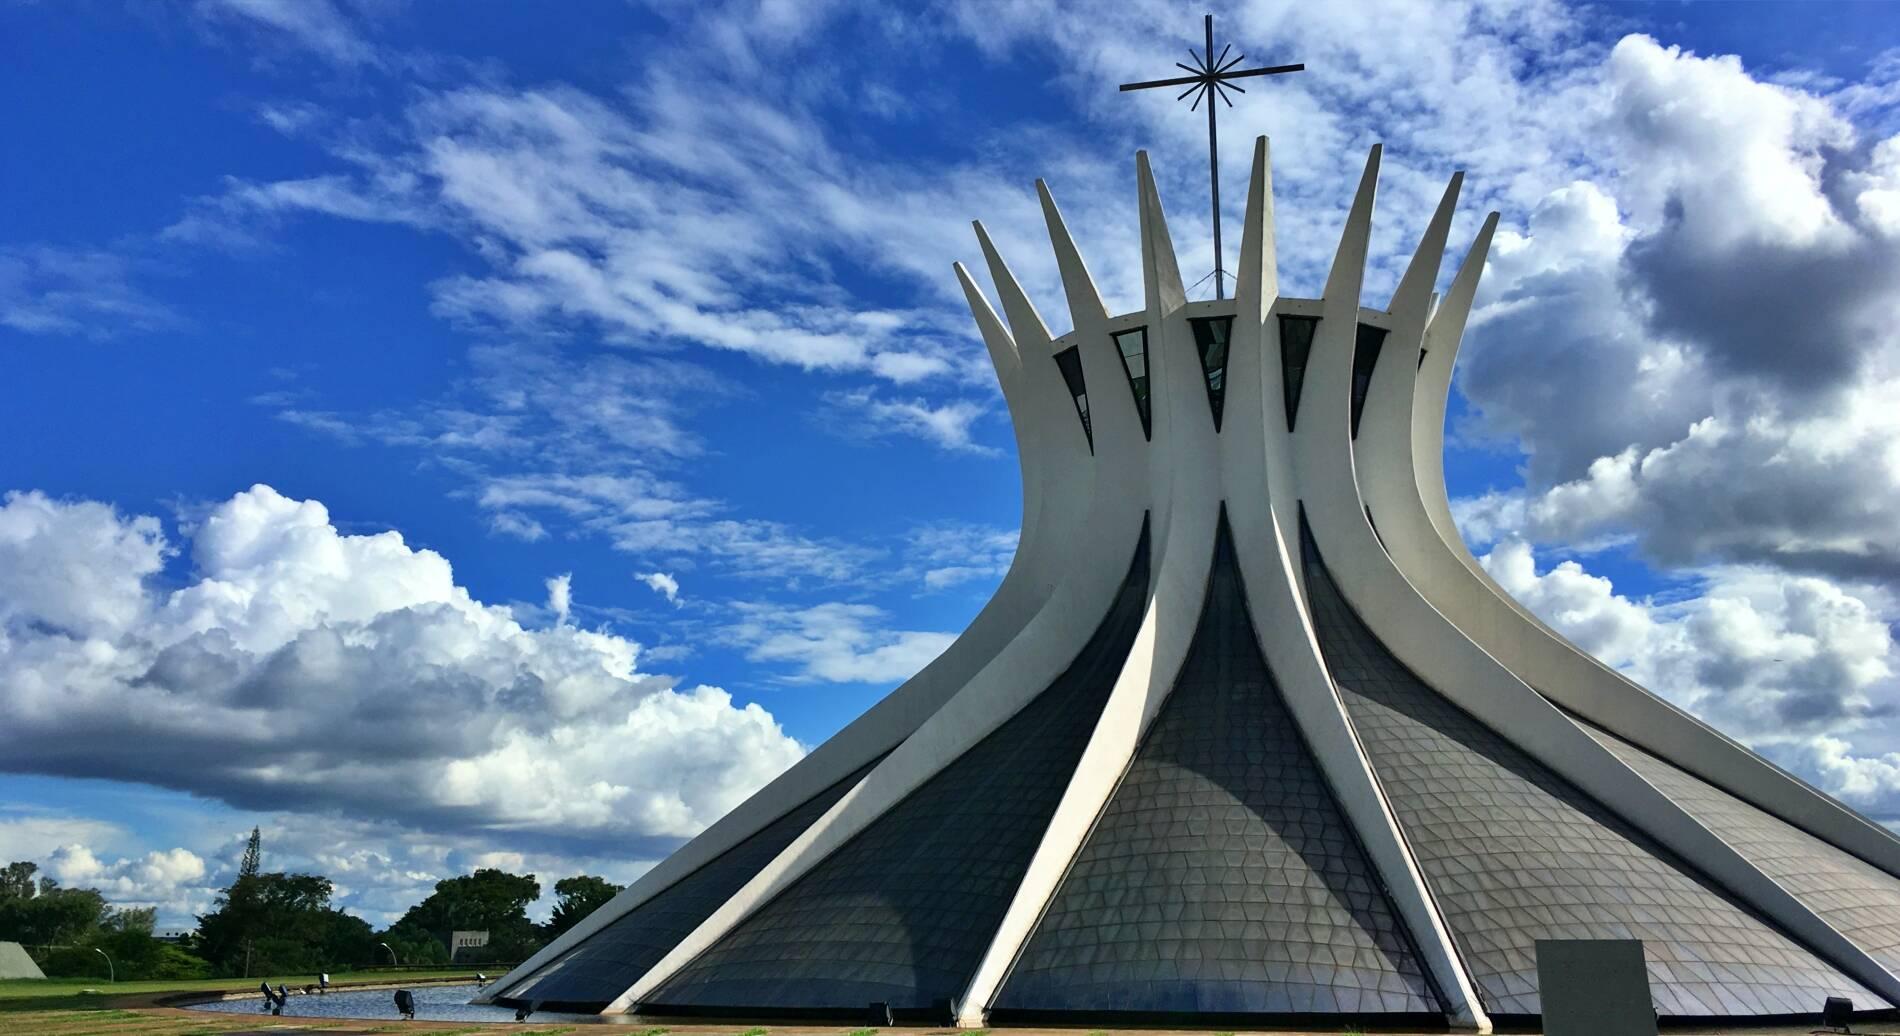 Estrutura da Catedral Metropolitana Nossa Senhora Aparecida. Foto: Reprodução/Across The Universe